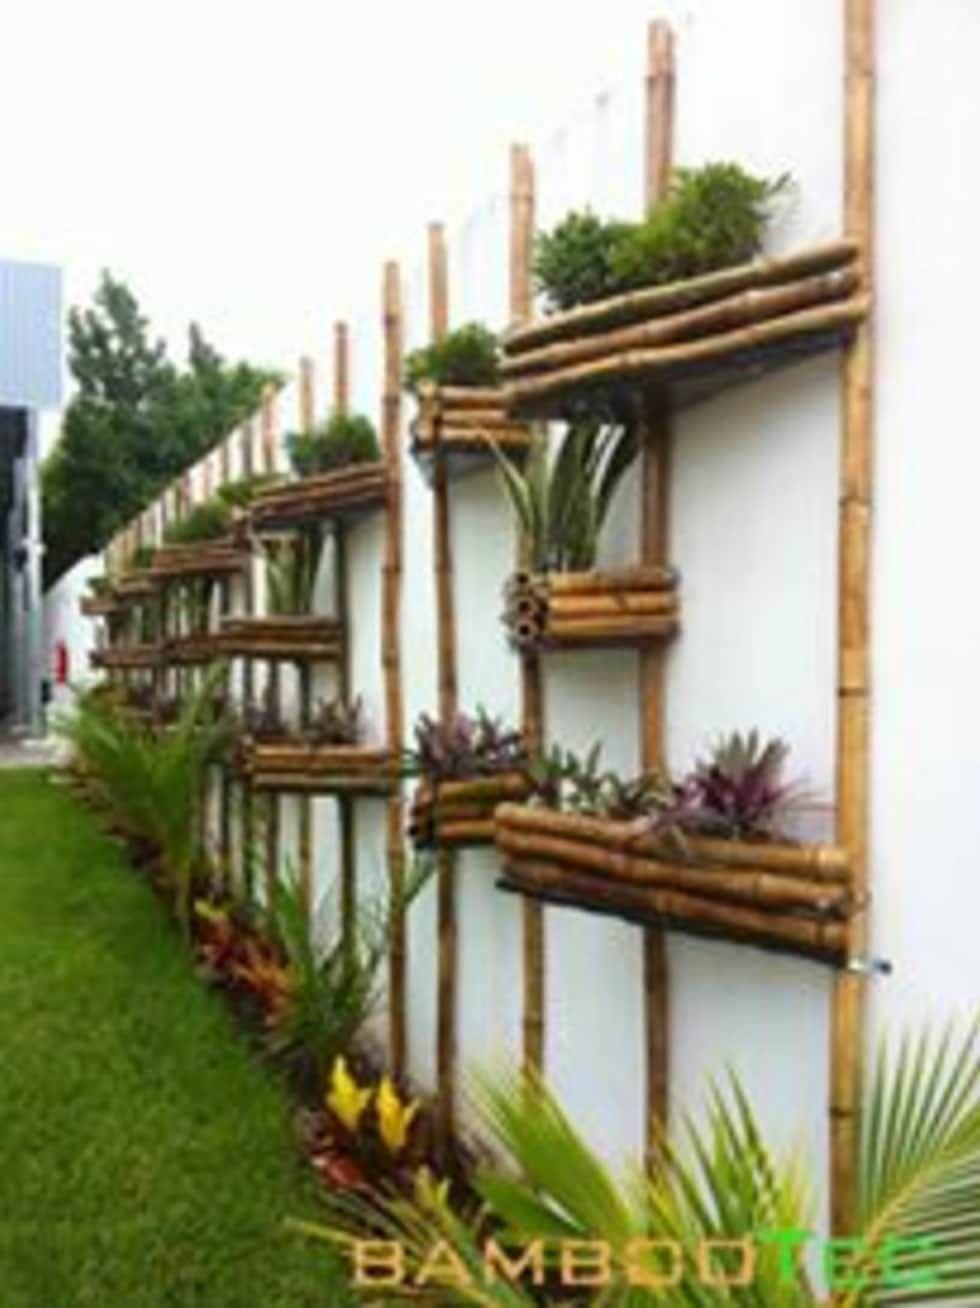 Bambootec jardines de estilo por bambootec jardiner a for Jardineria exterior con guijarros